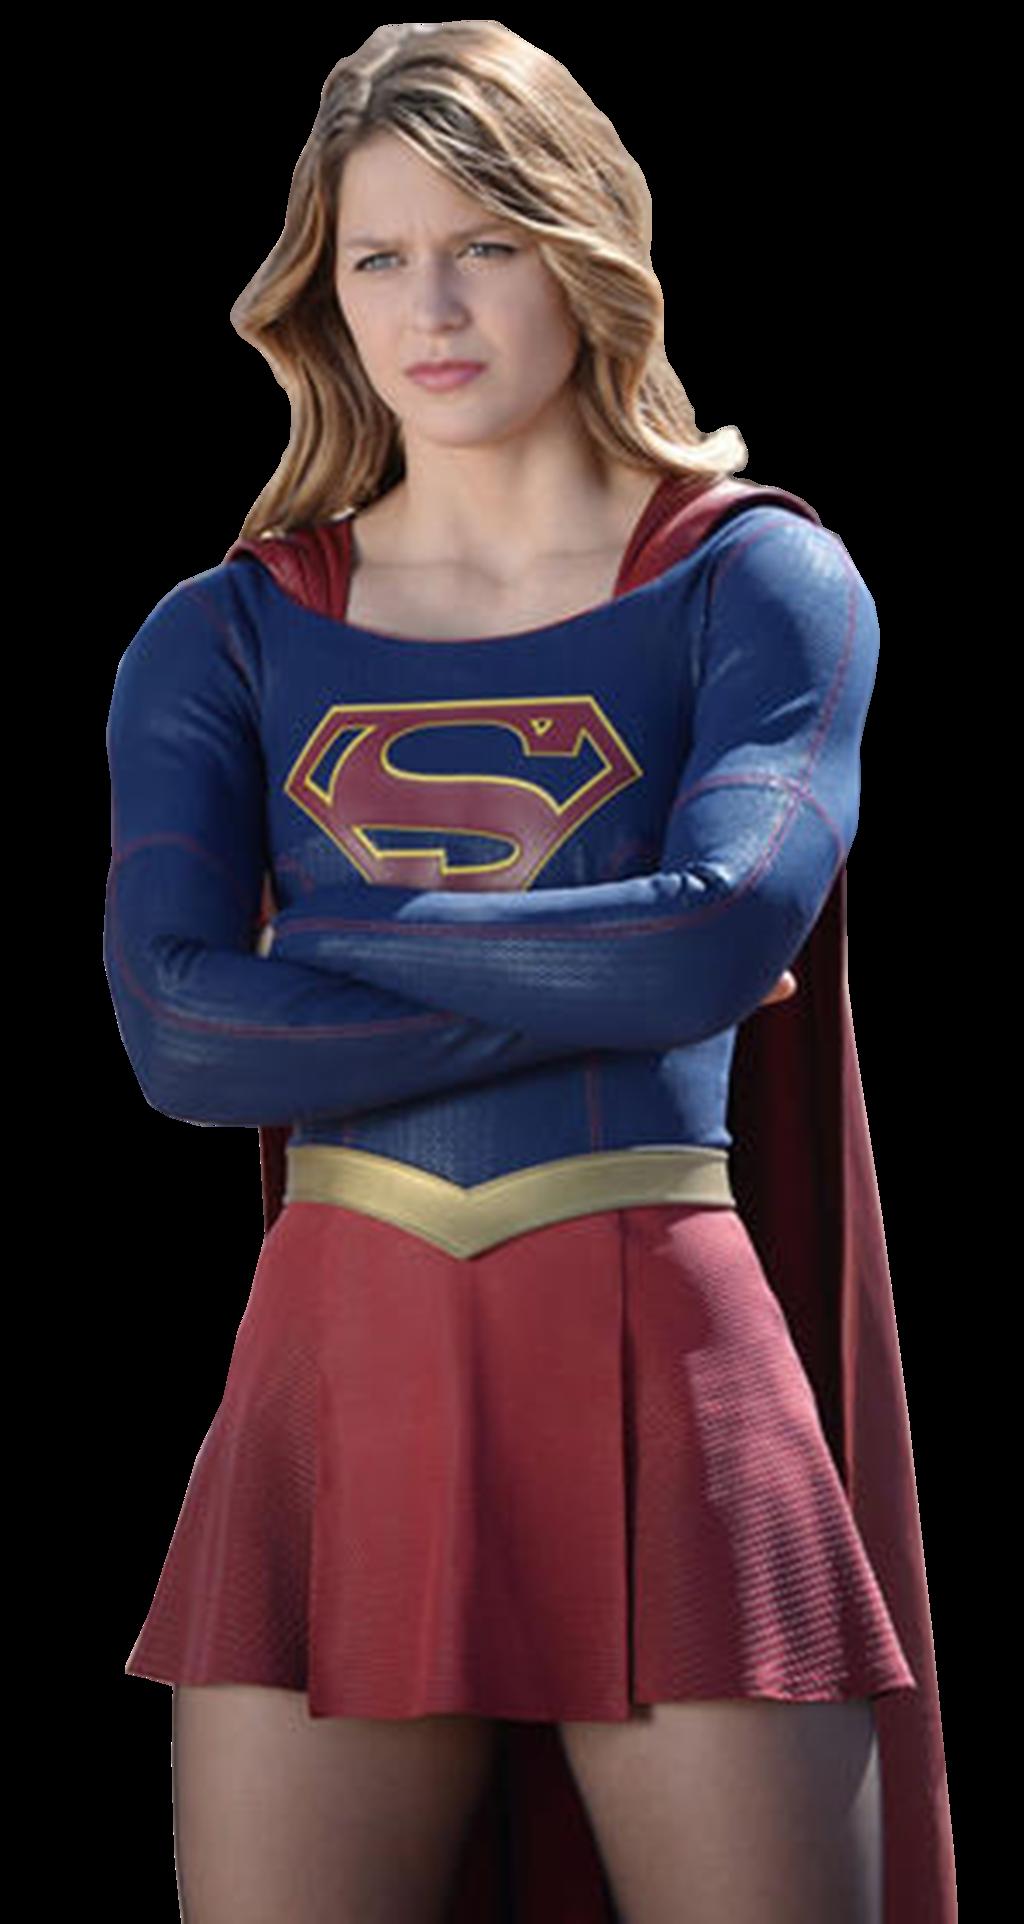 Supergirl PNG File - Supergirl HD PNG